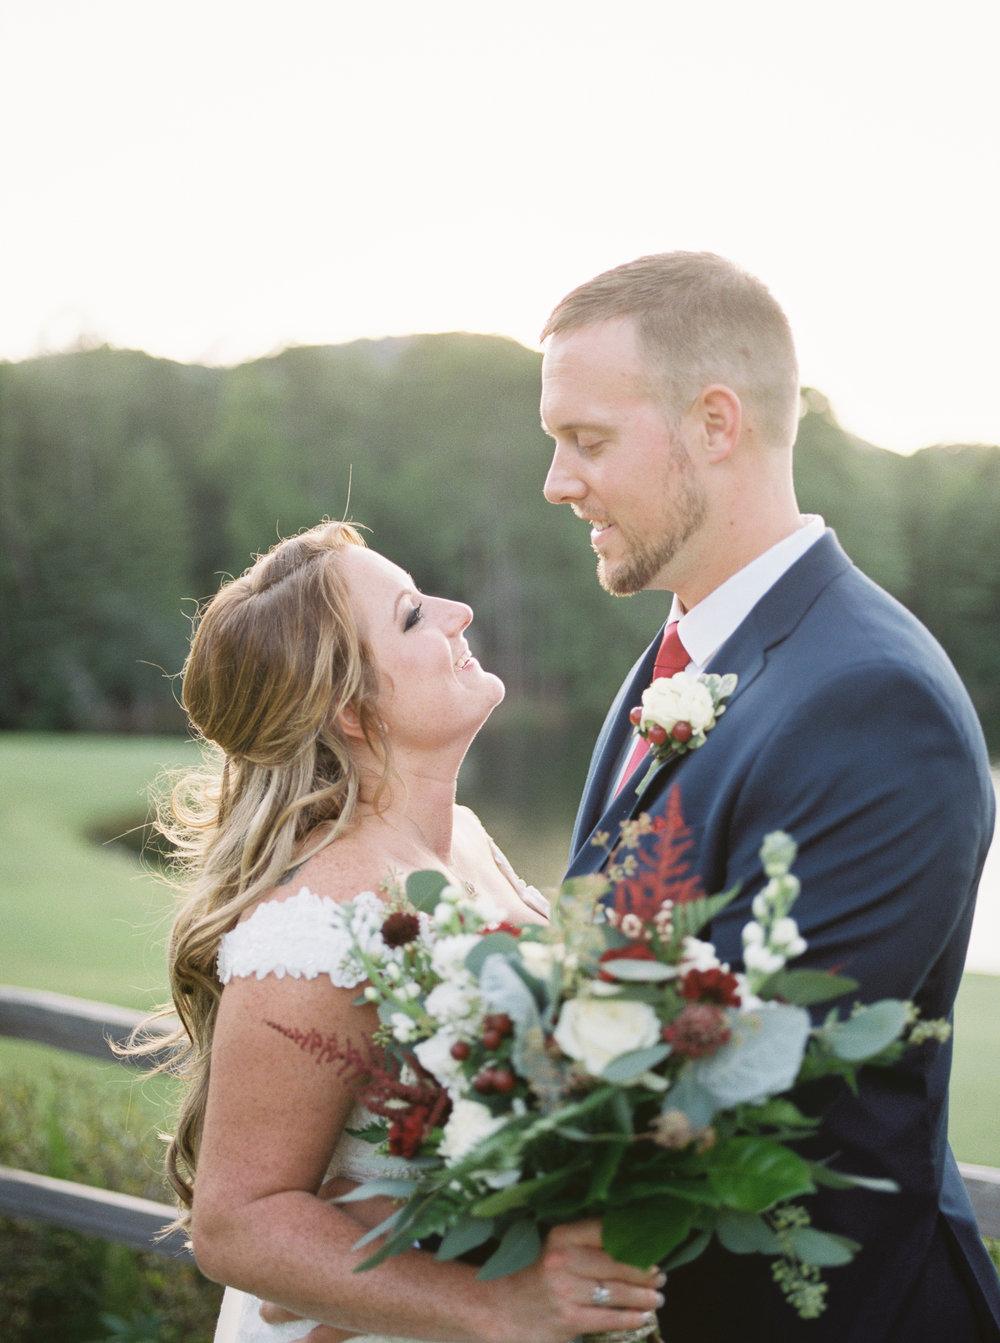 ashleybilly-wedding-sunset-christinadavisphoto67.jpg